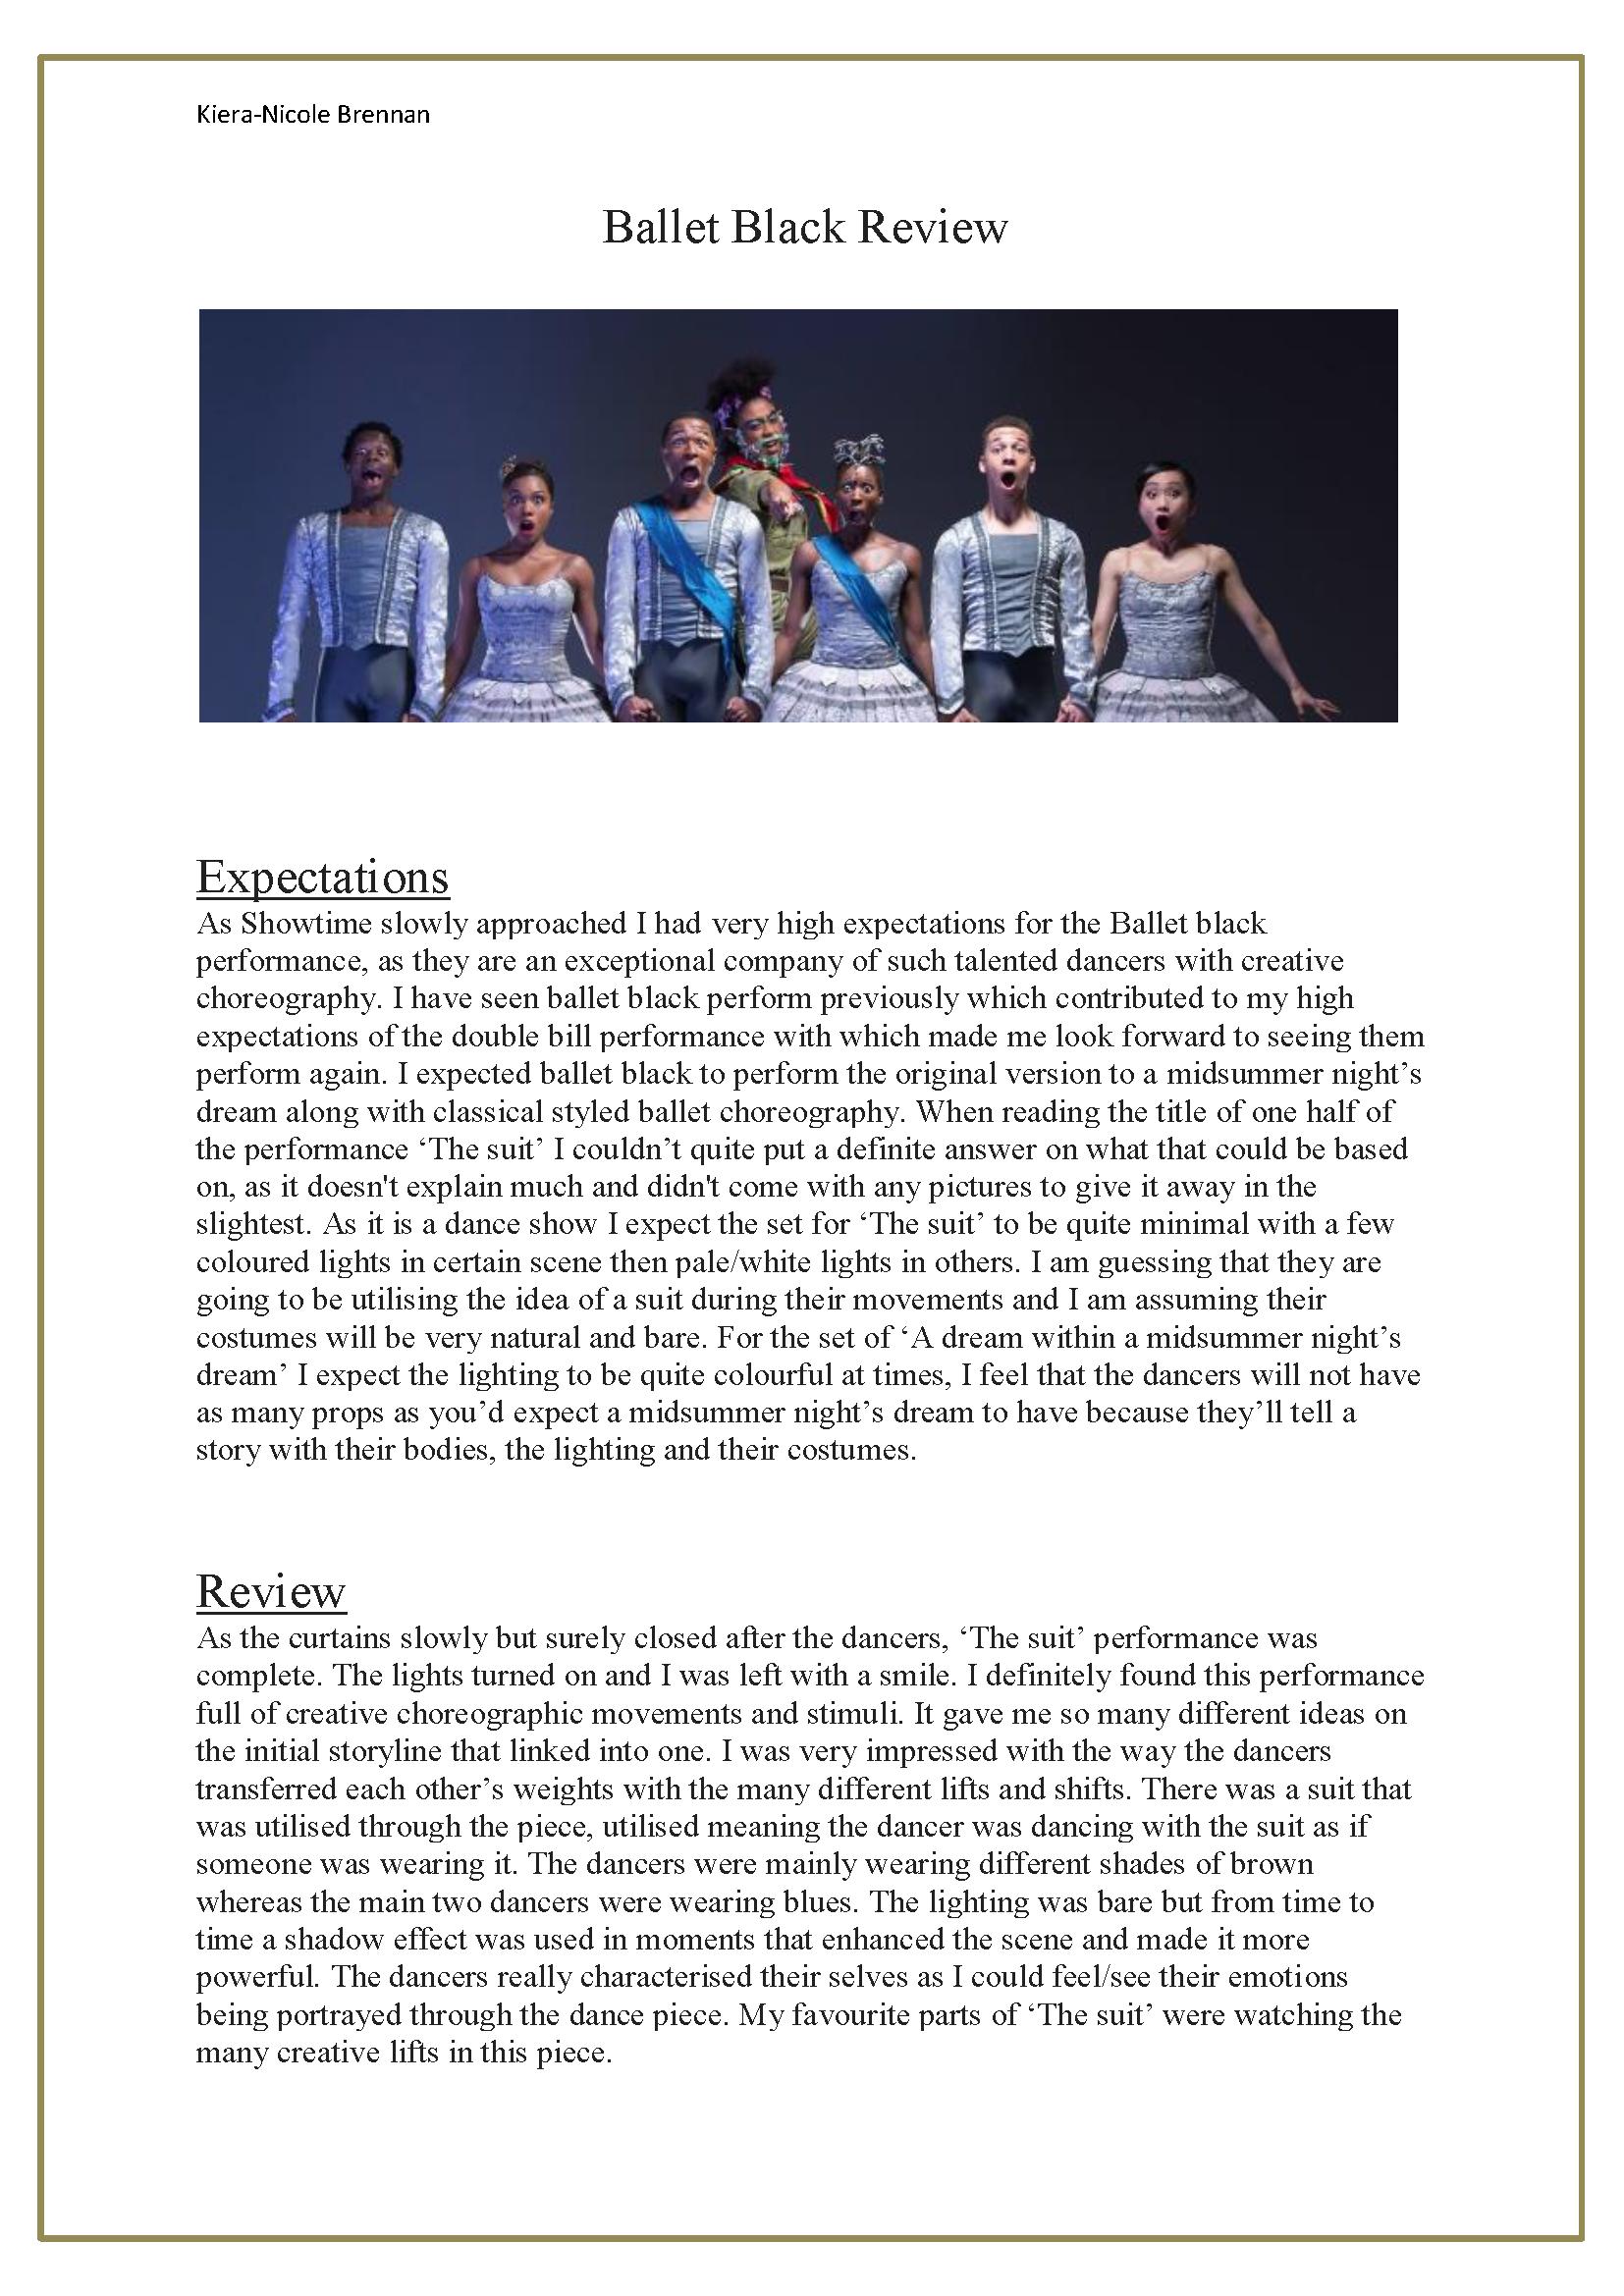 Ballet Black Review - Kiera Brennan1.png